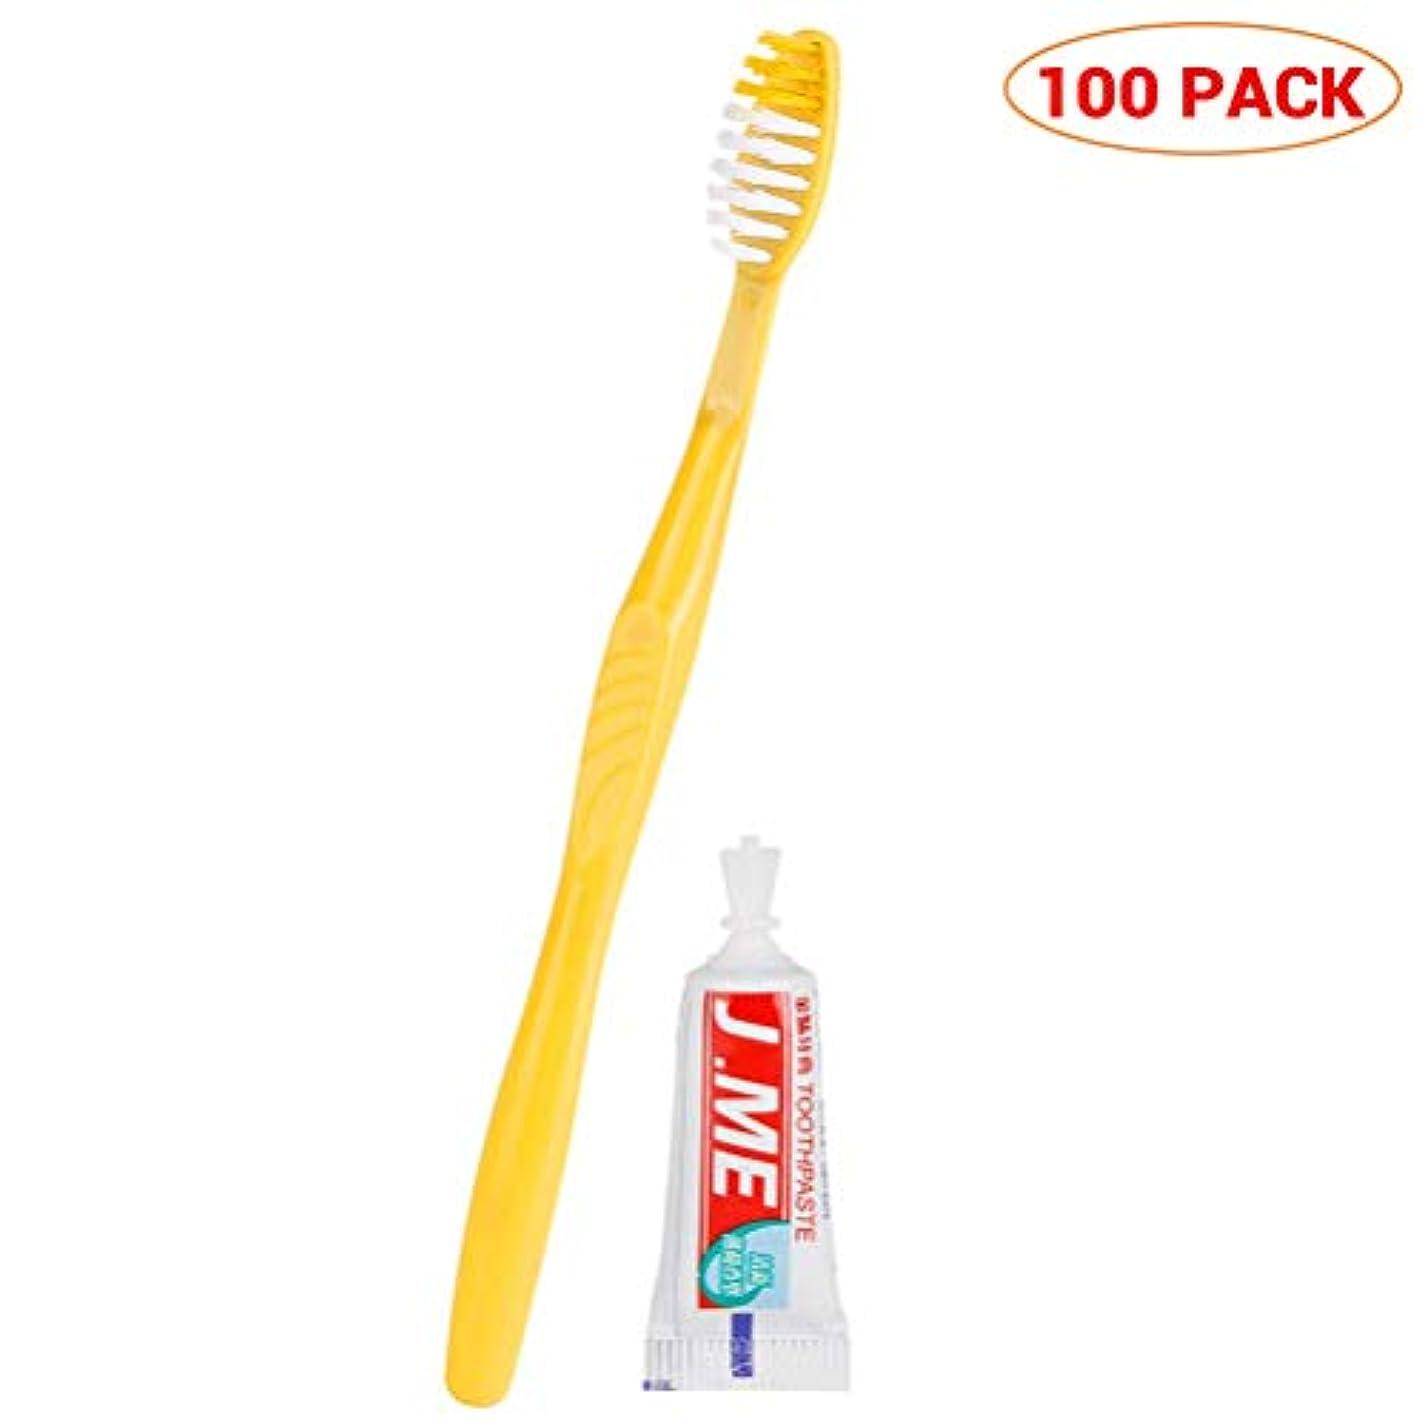 繁栄キャンディー思われるCreacom 歯ブラシセット 歯ぶらし 使い捨て コンパクト 透明素材 清潔 軽量 携帯便利 キャップ 旅行出張に最適 ホテル 旅館 業務用 家族用 100 Set